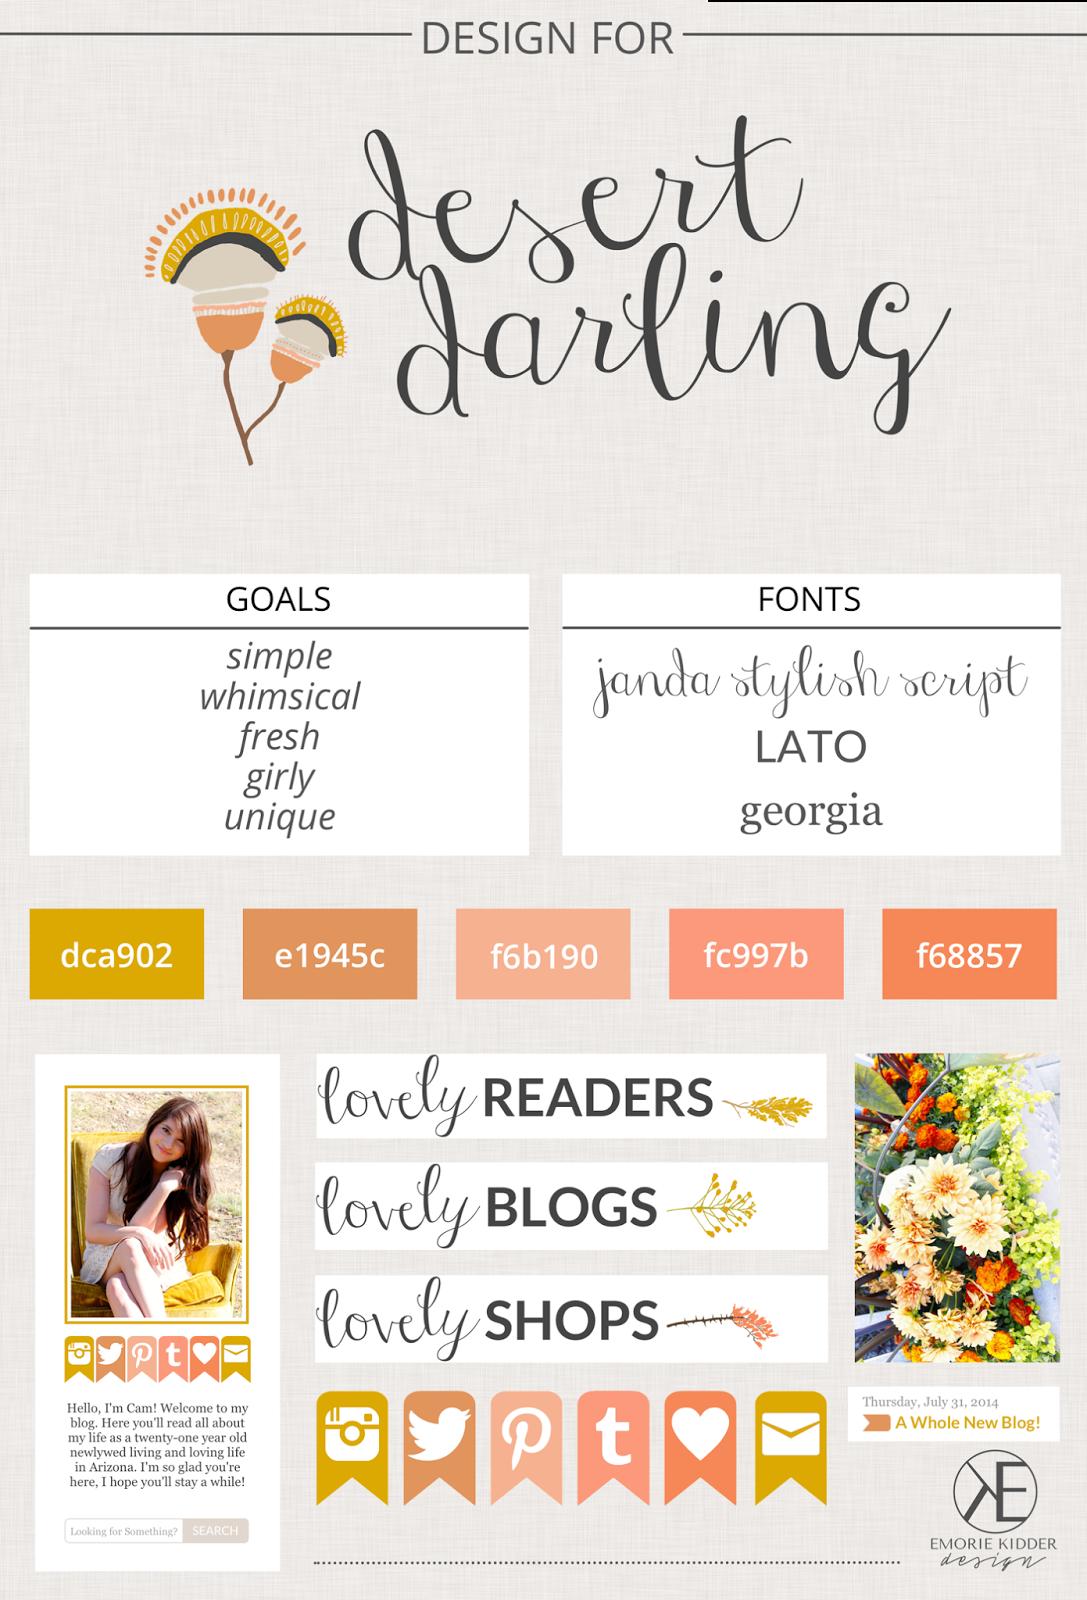 desert+darling+design+overview.png